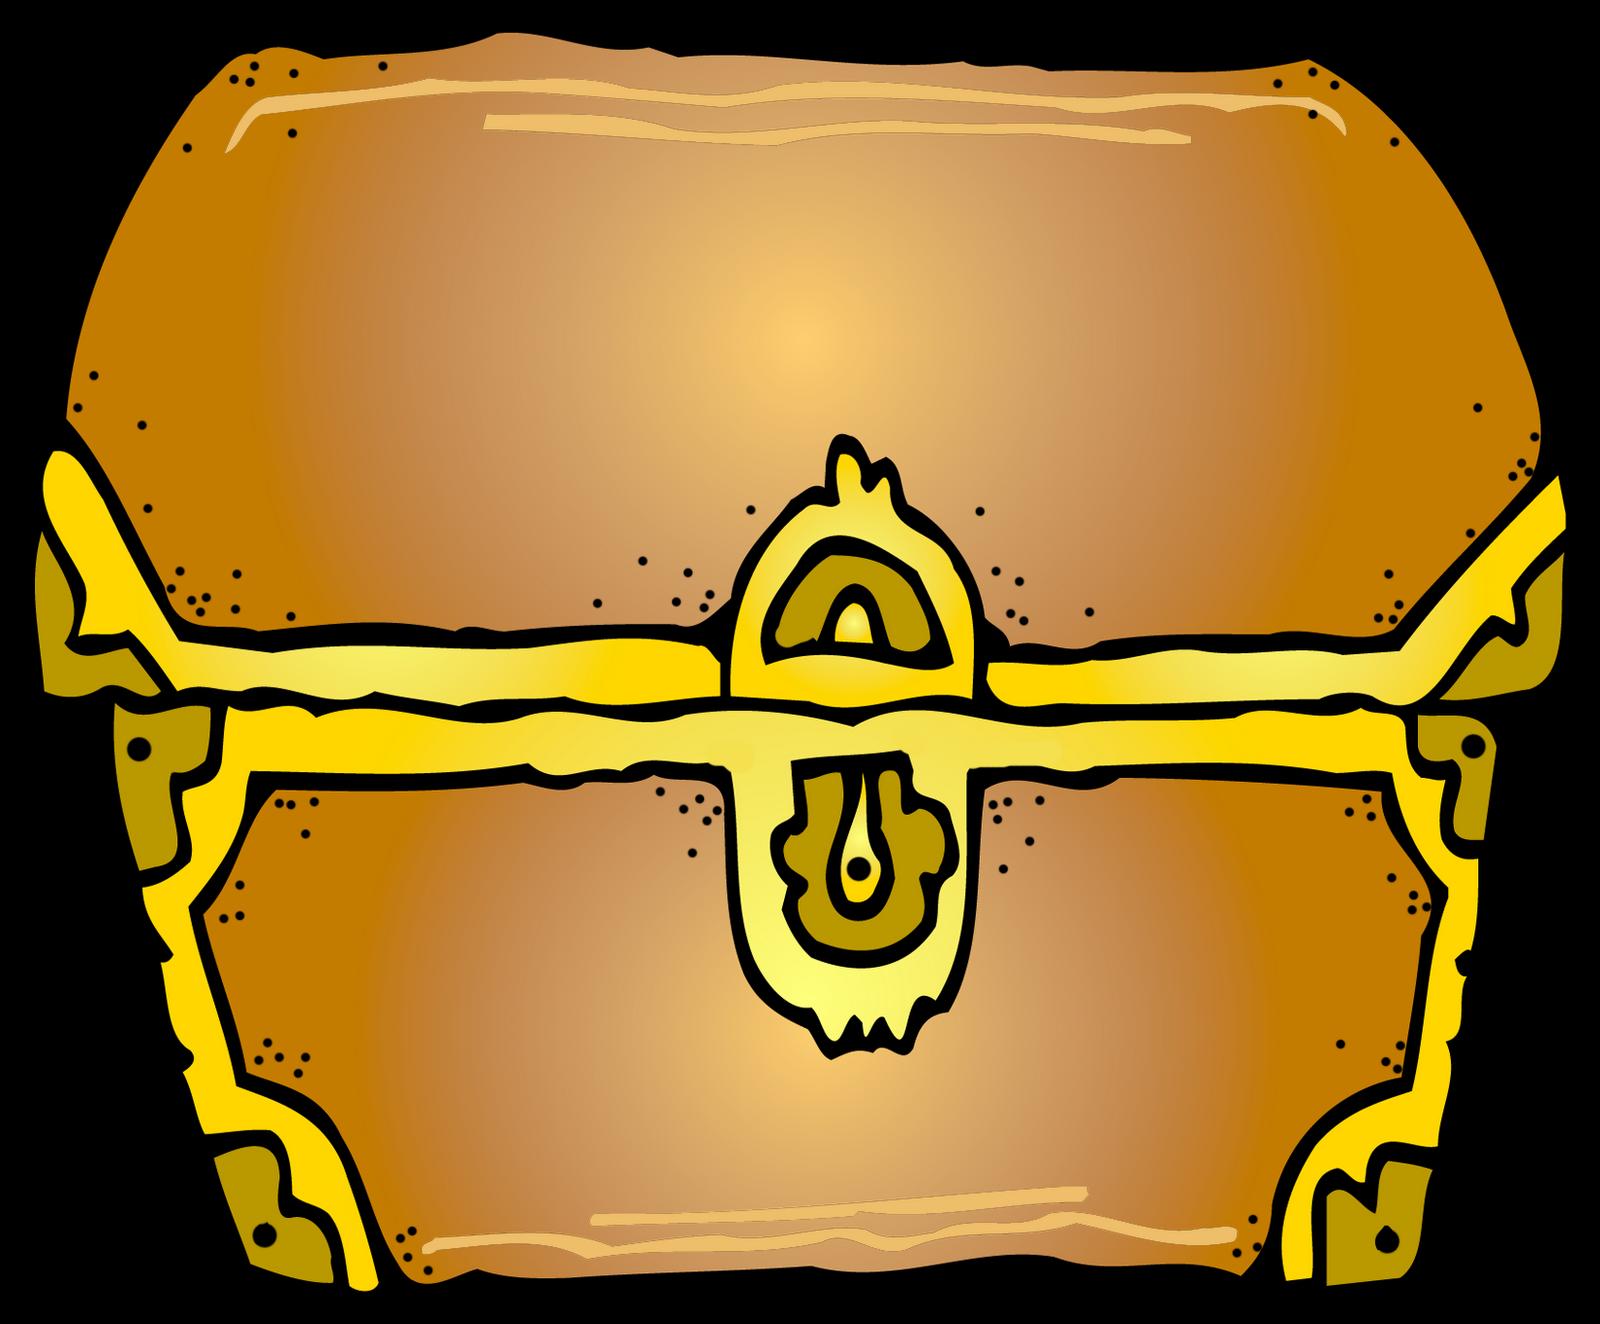 Treasure chest treasure clipart 4